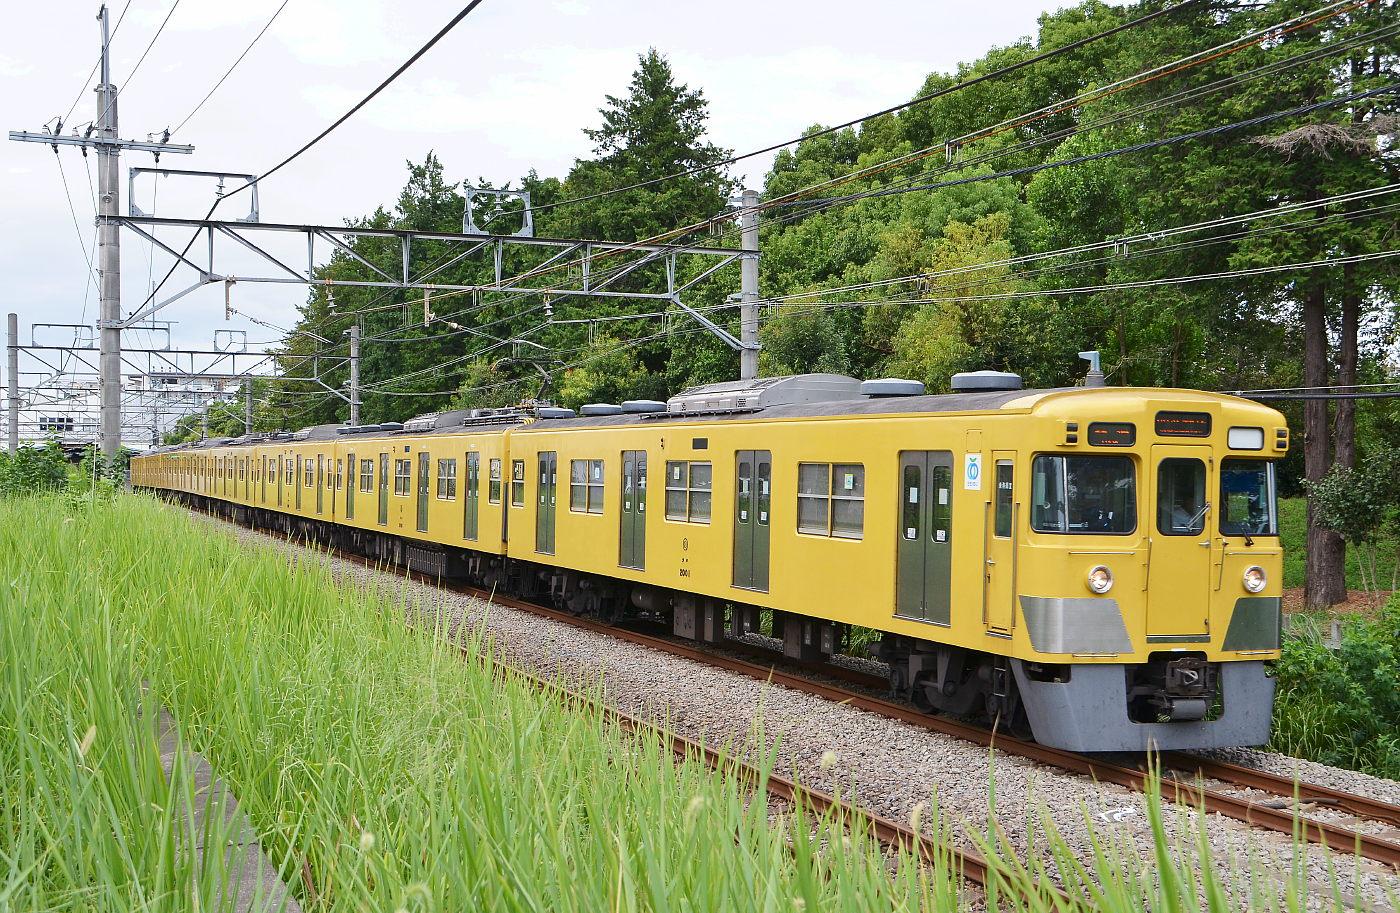 西武電車2012年 その2 _a0251146_22133779.jpg